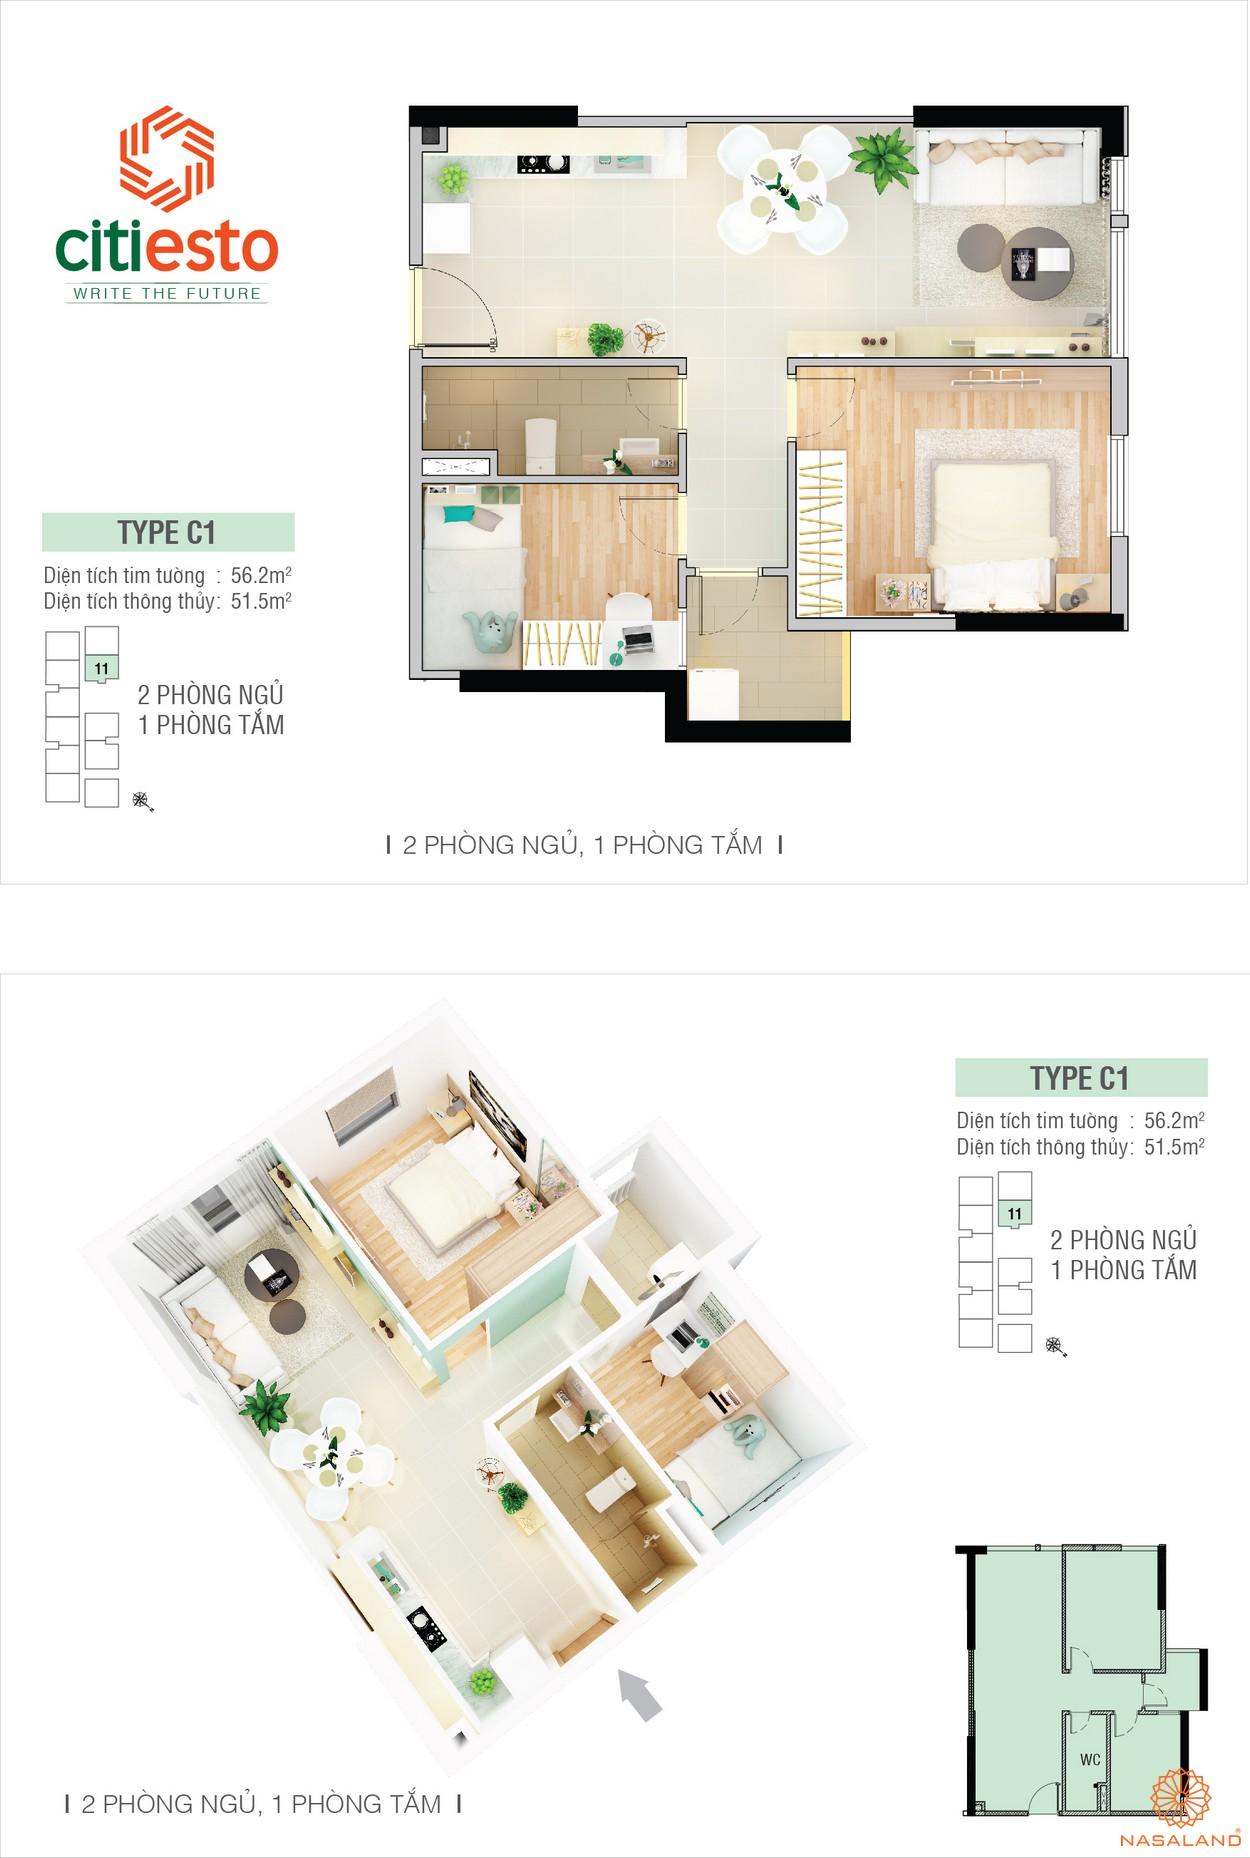 Thiết kế điển hình căn hộ CitiEsto 2PN